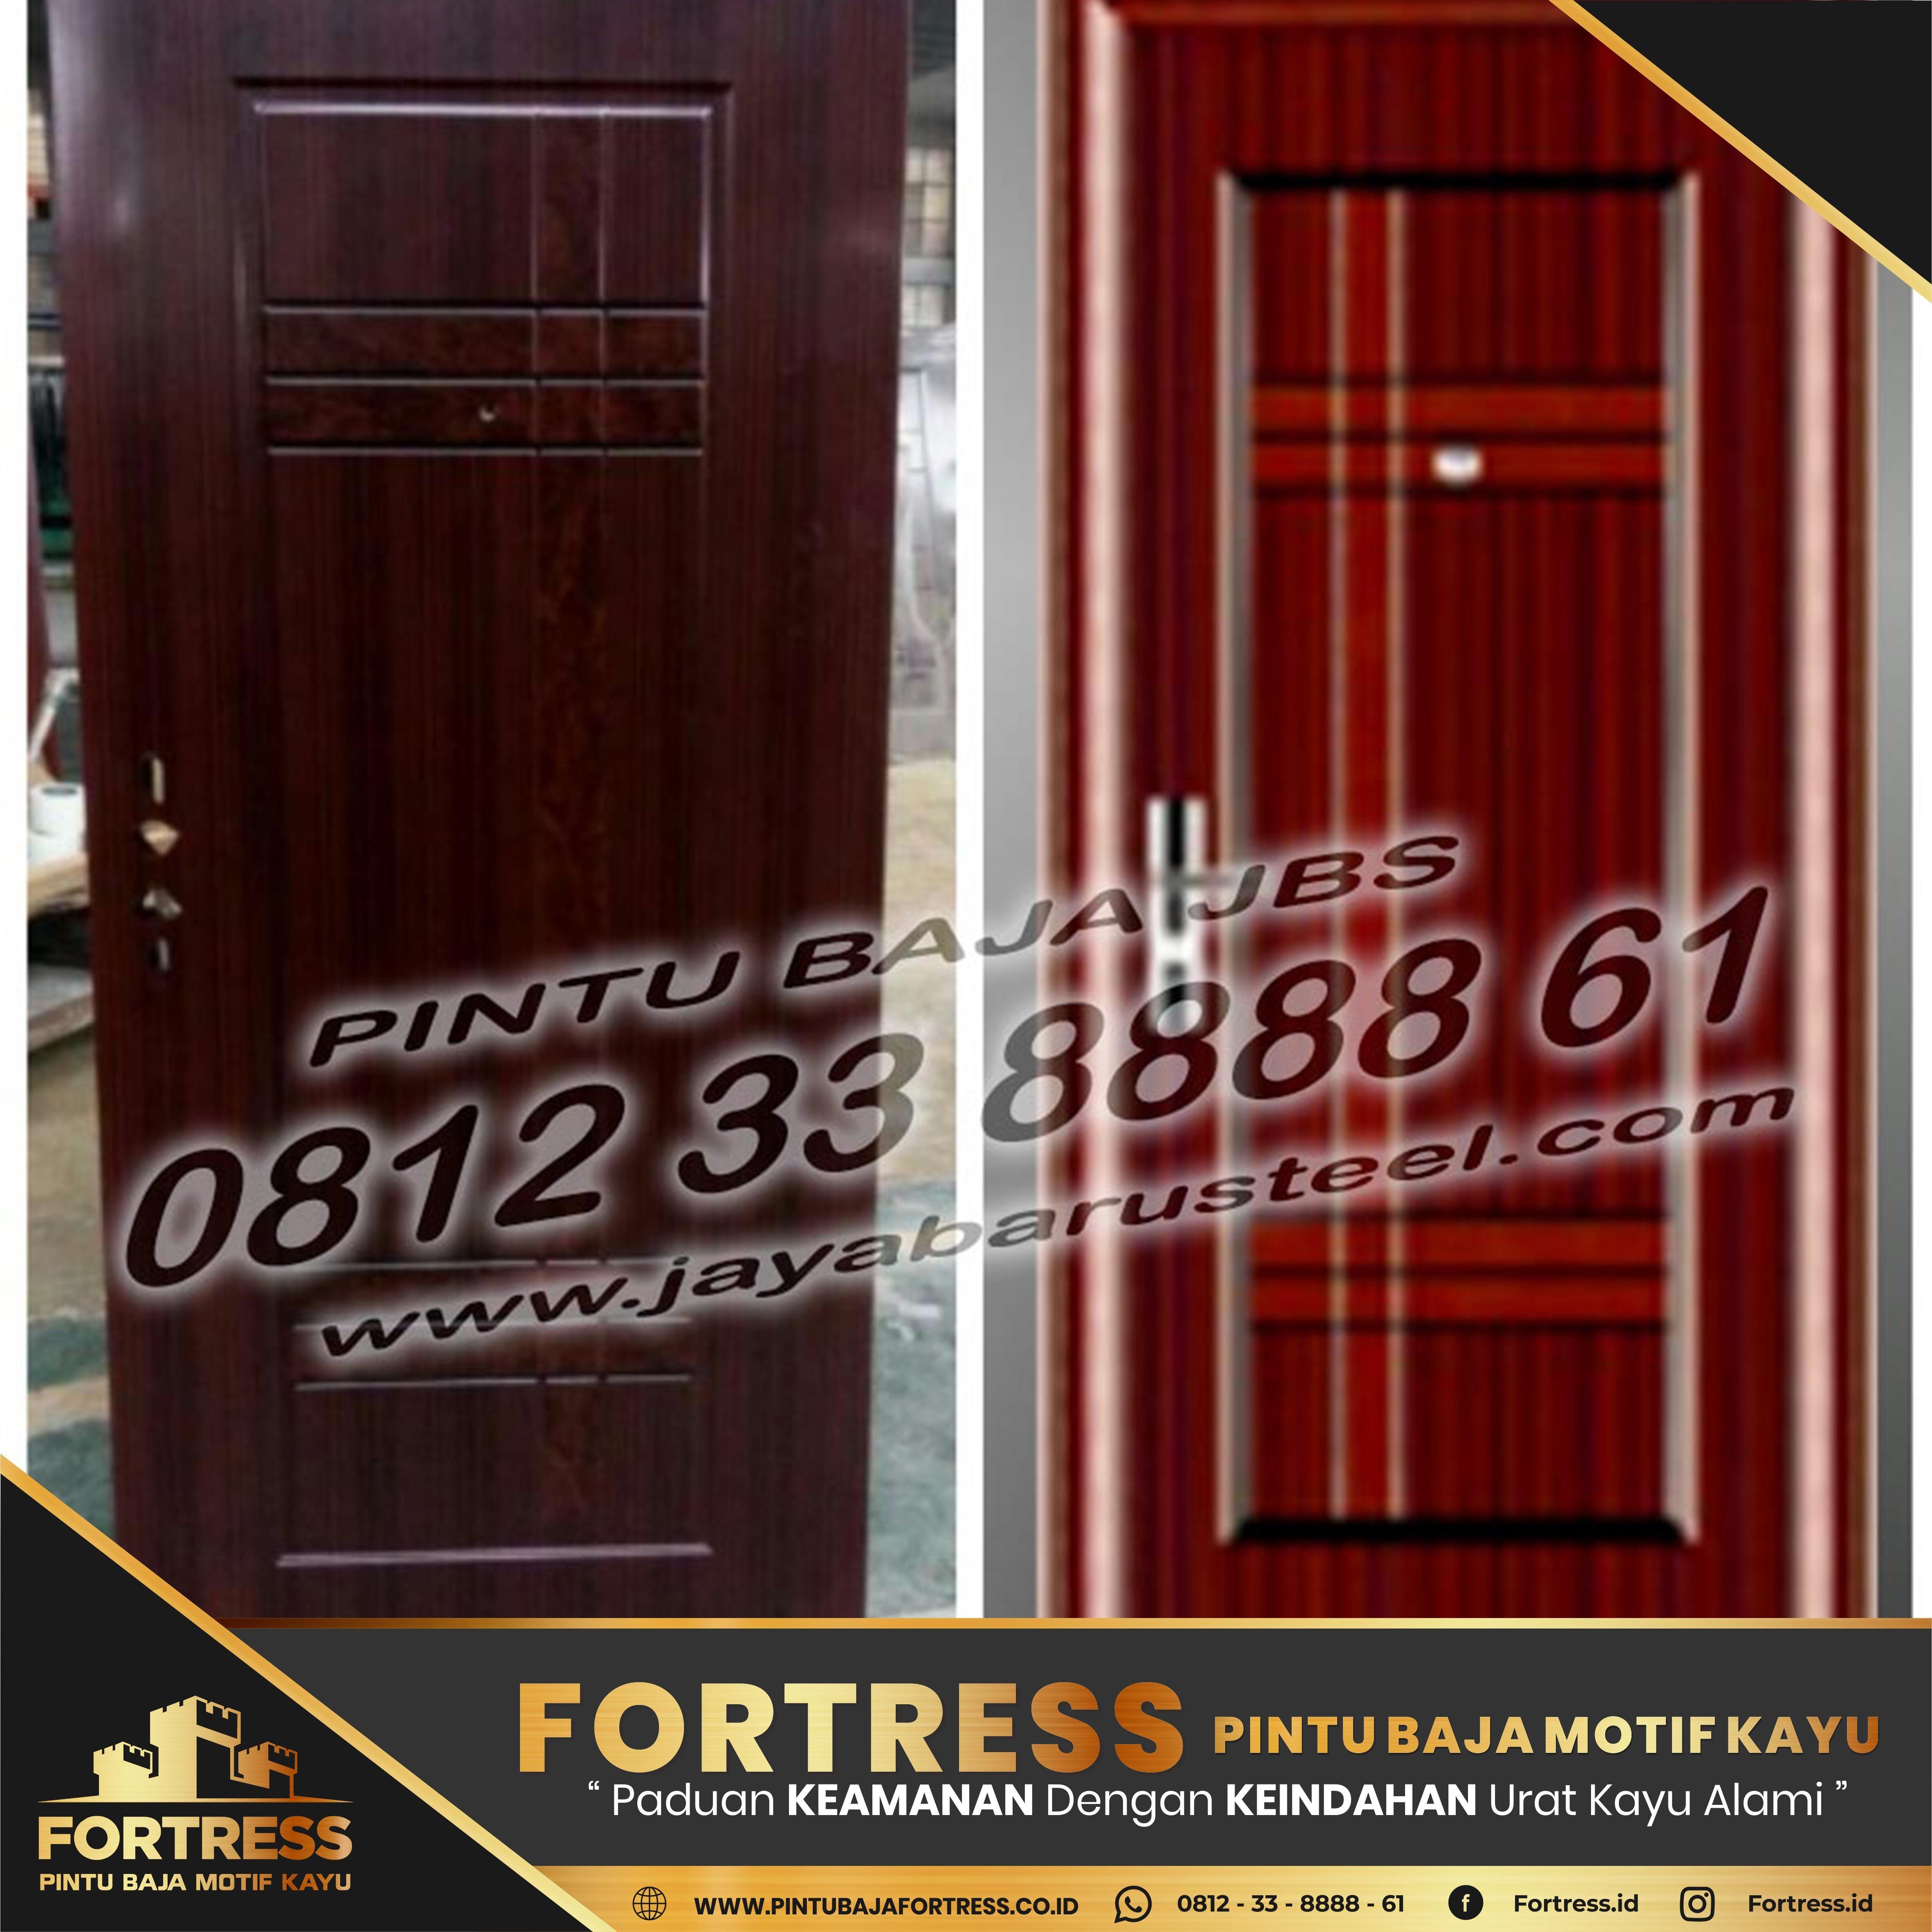 0812-91-6261-07 (JBS) Pekan Baru Steel Valve Door